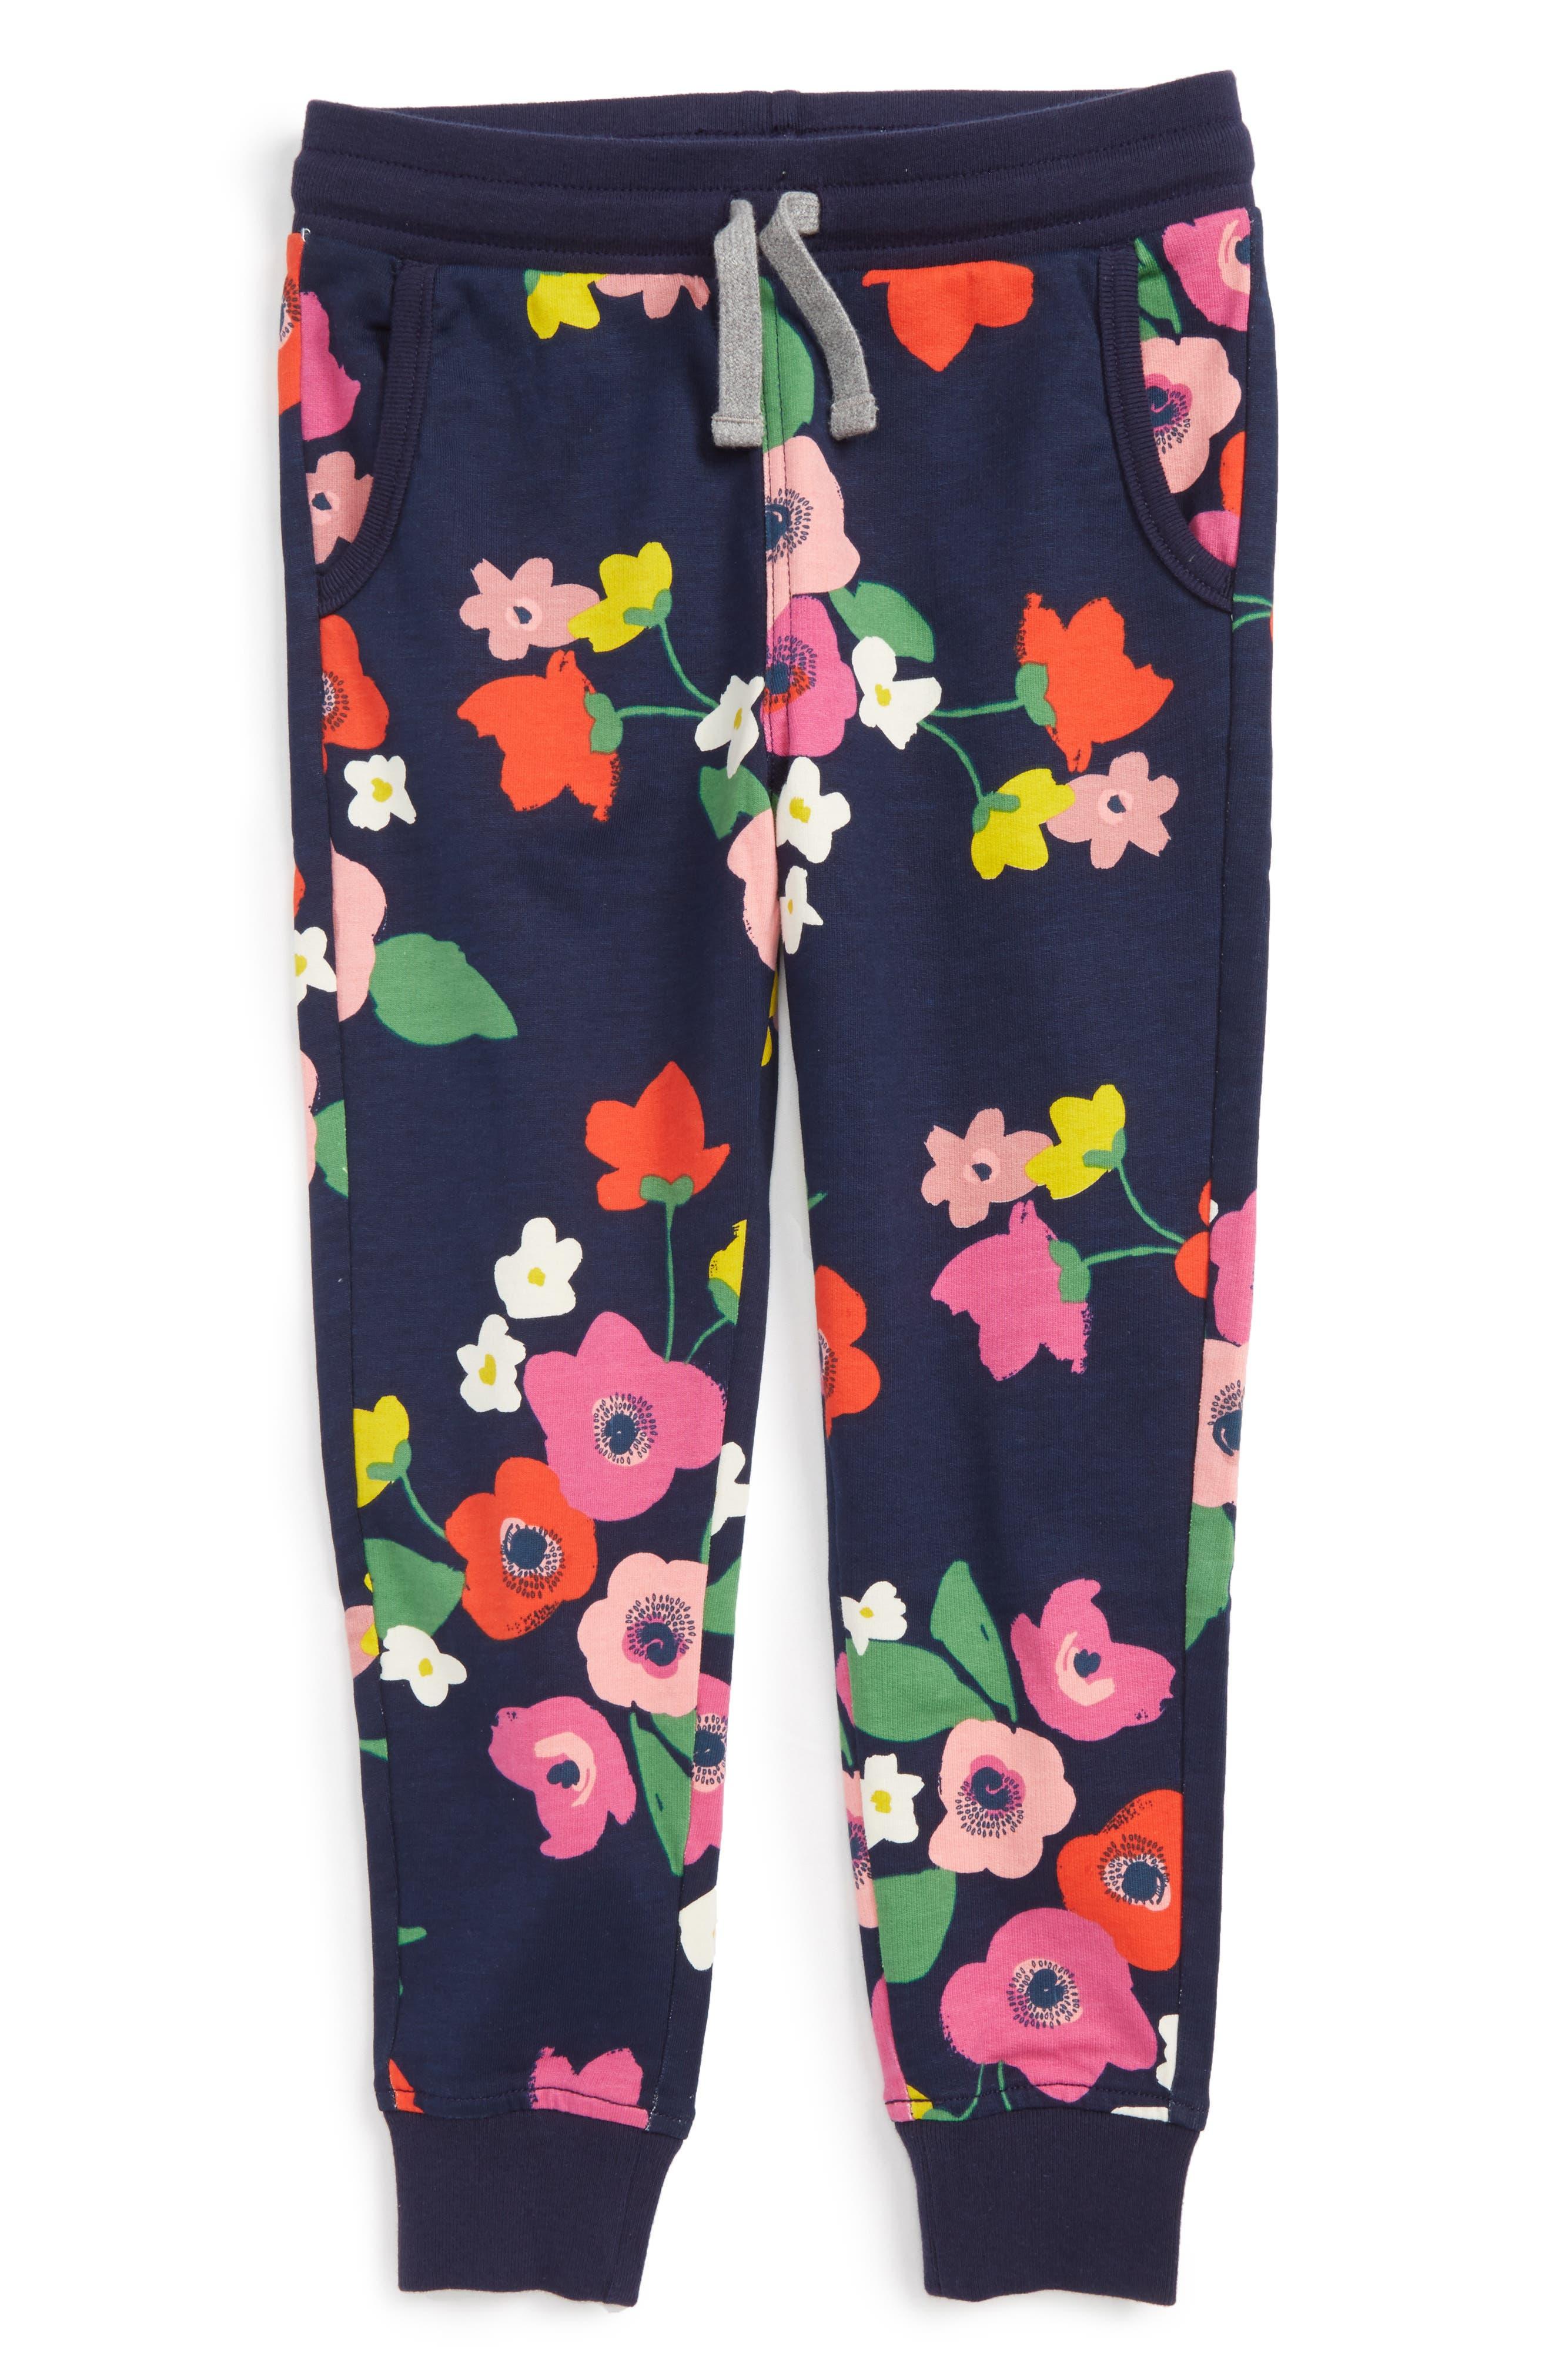 Tea Collection Scotland Gardens Jogger Pants (Toddler Girls, Little Girls & Big Girls)